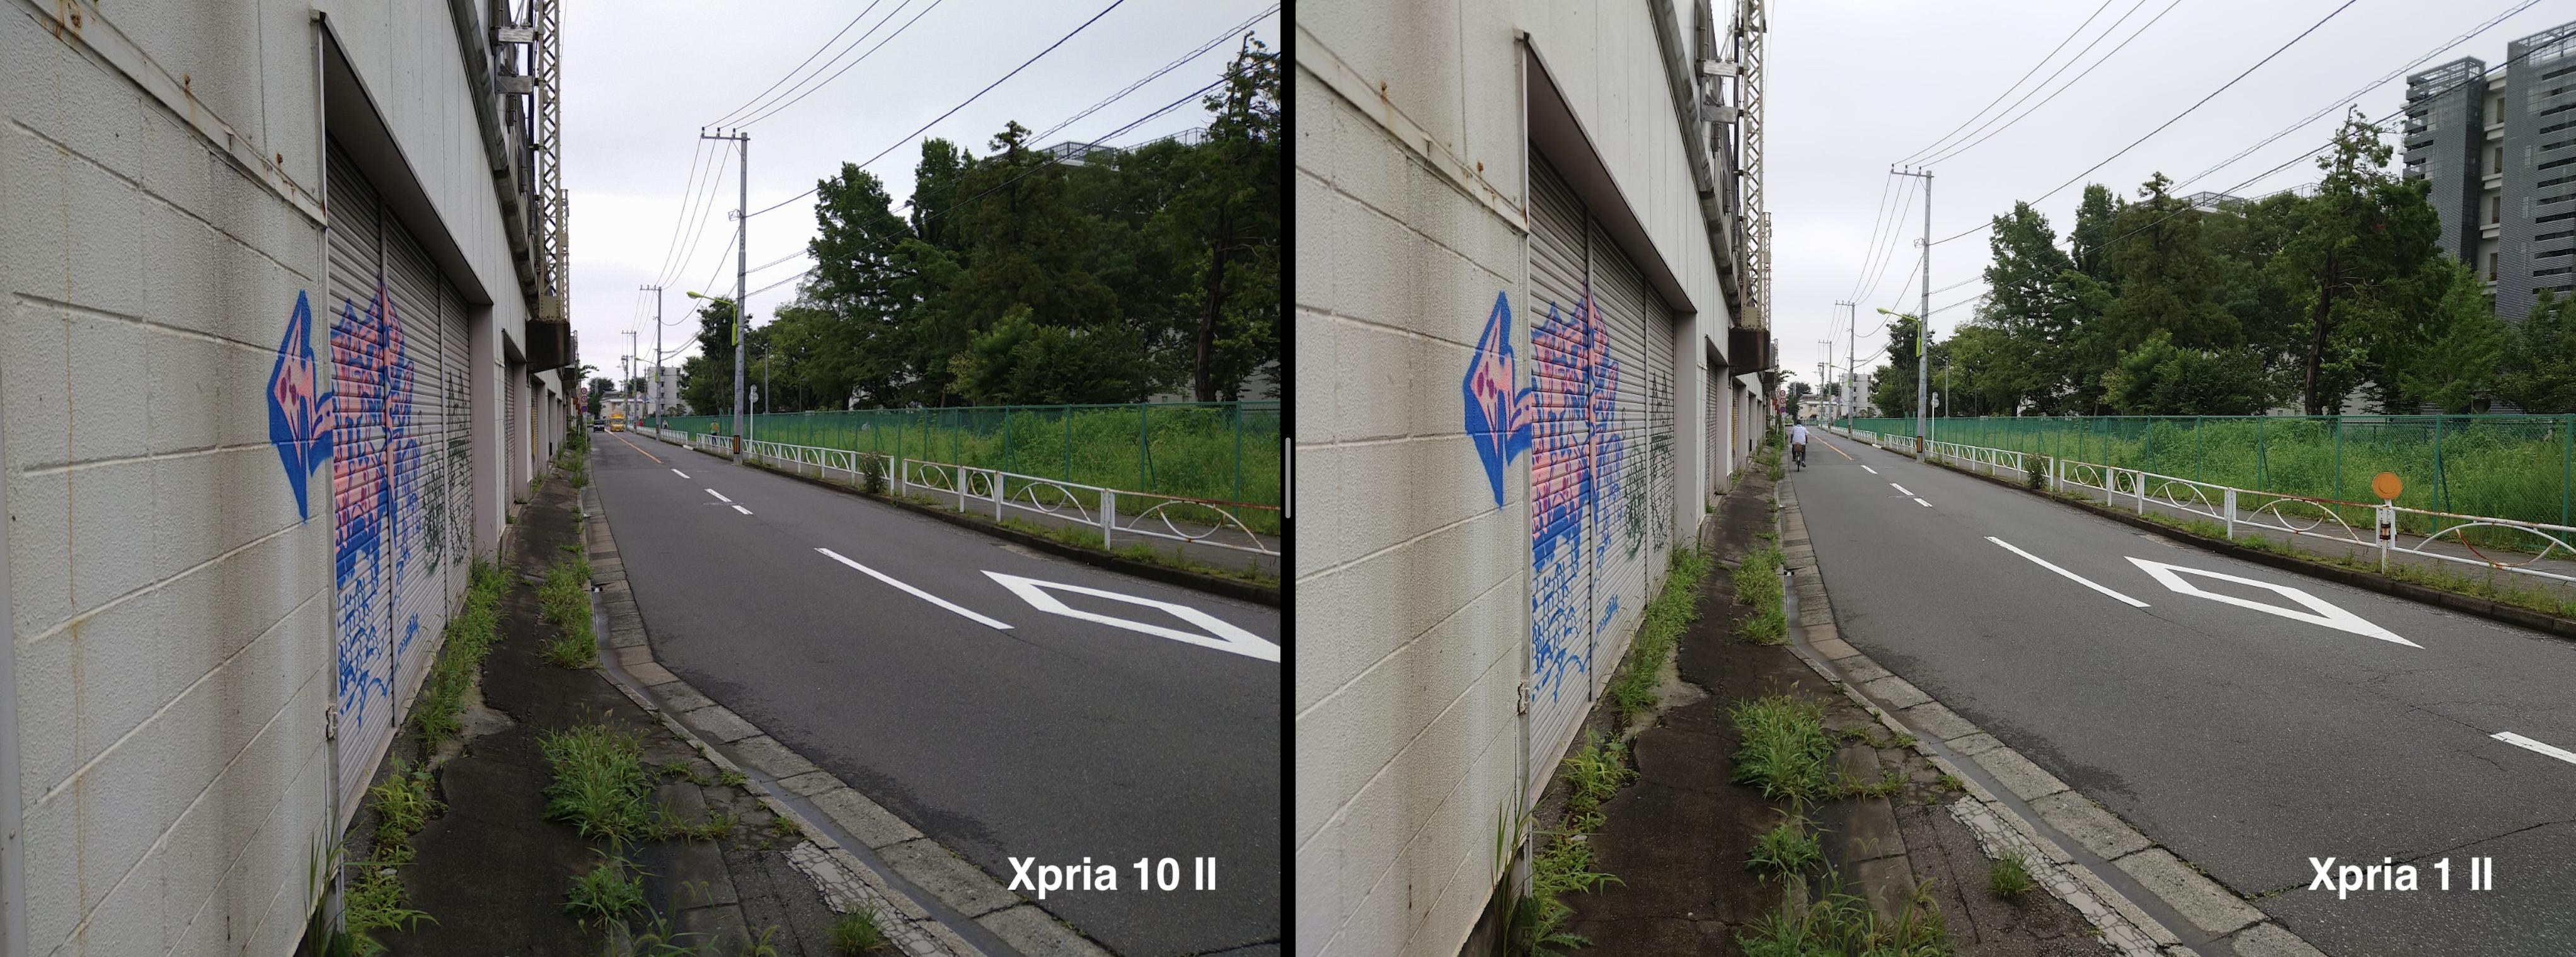 Xperia 10 ll比較